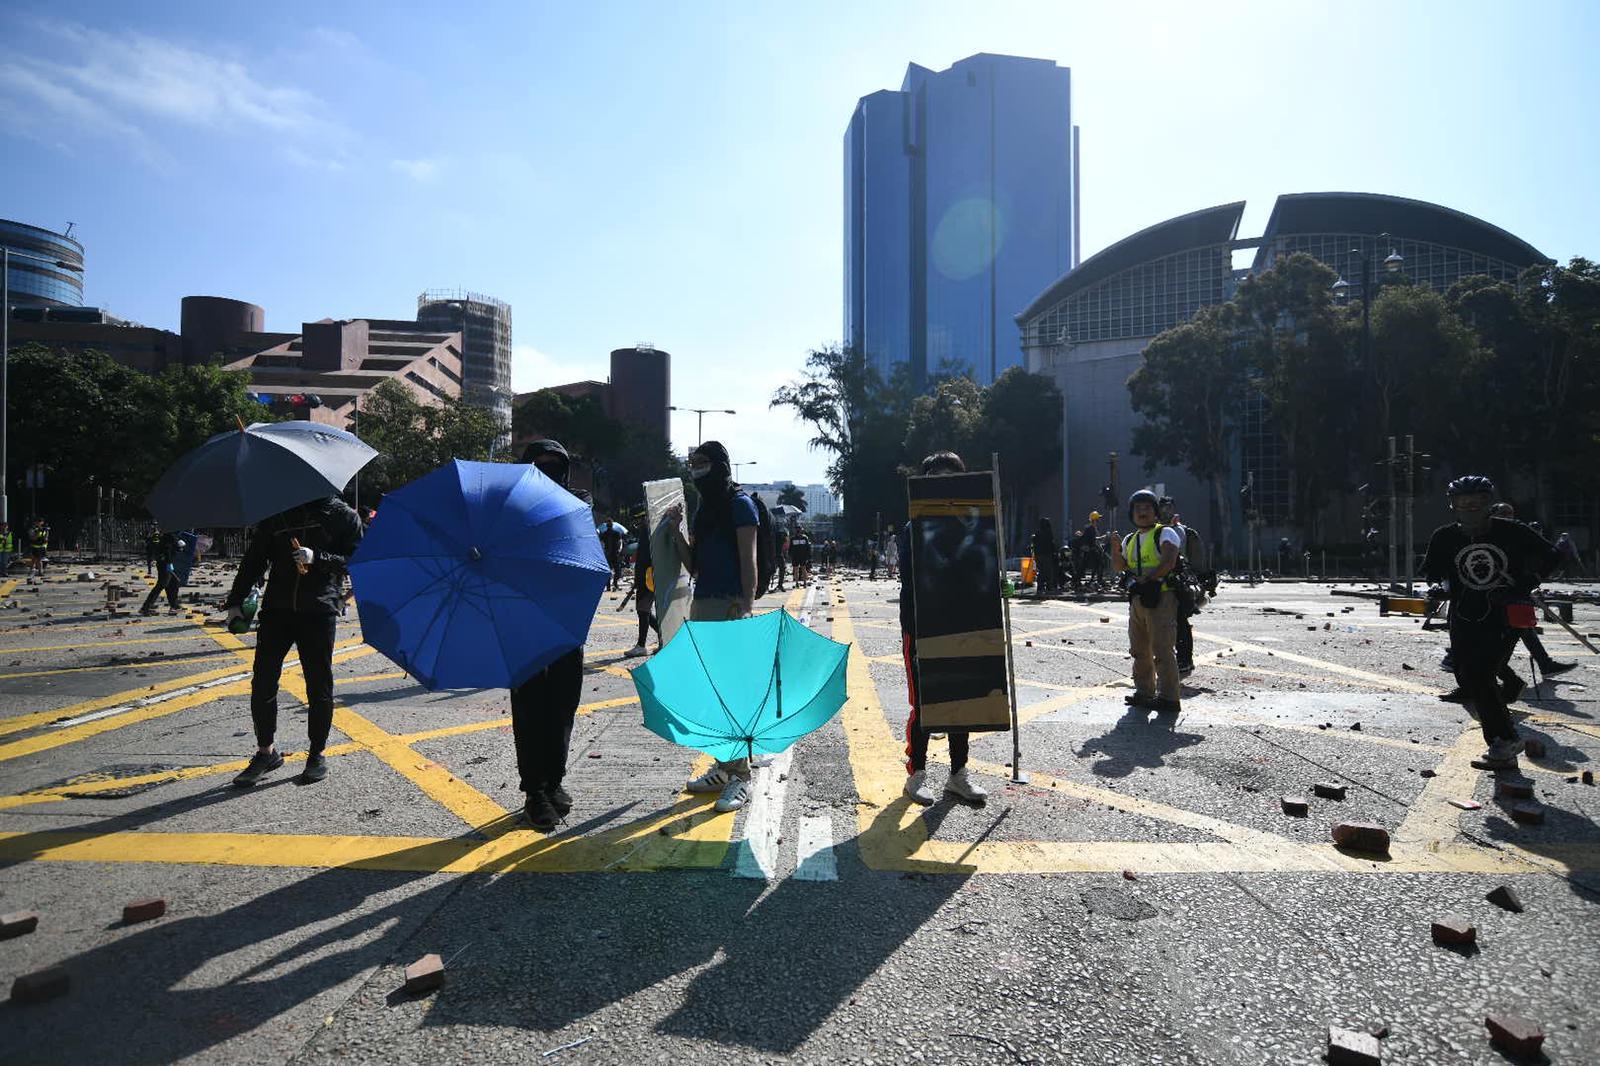 警方施放催淚彈驅散示威者。